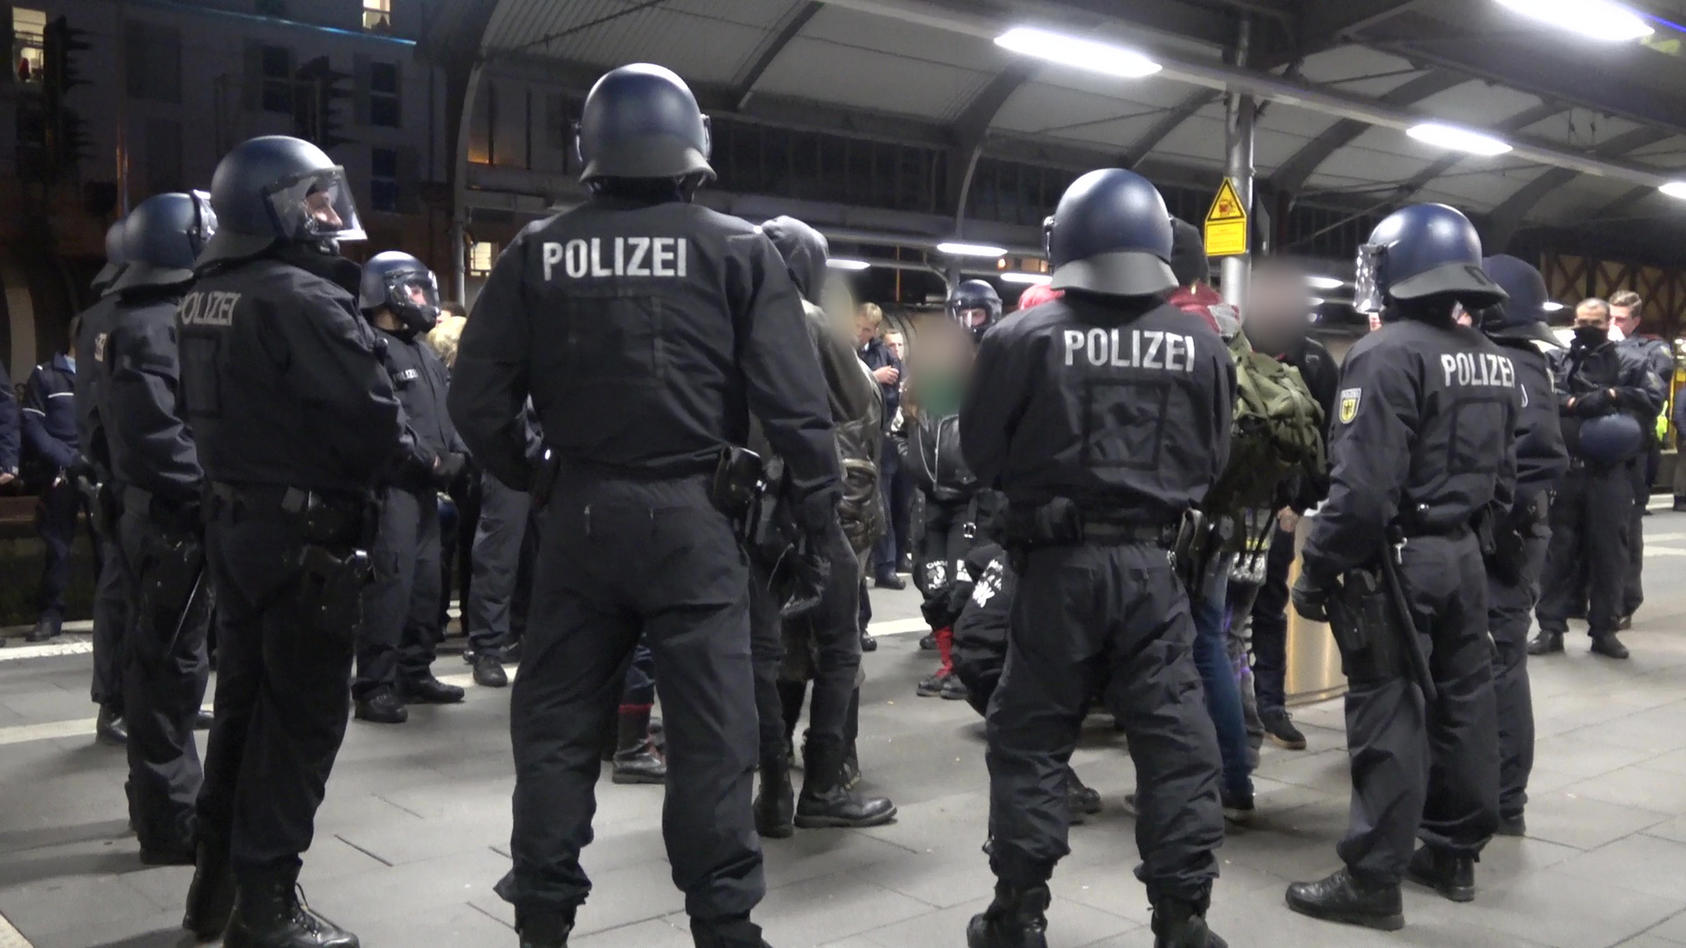 Wegen einer Schlägerei am Bonner Hauptbahnhof rückte die Polizei mit zahlreichen Kräften an.